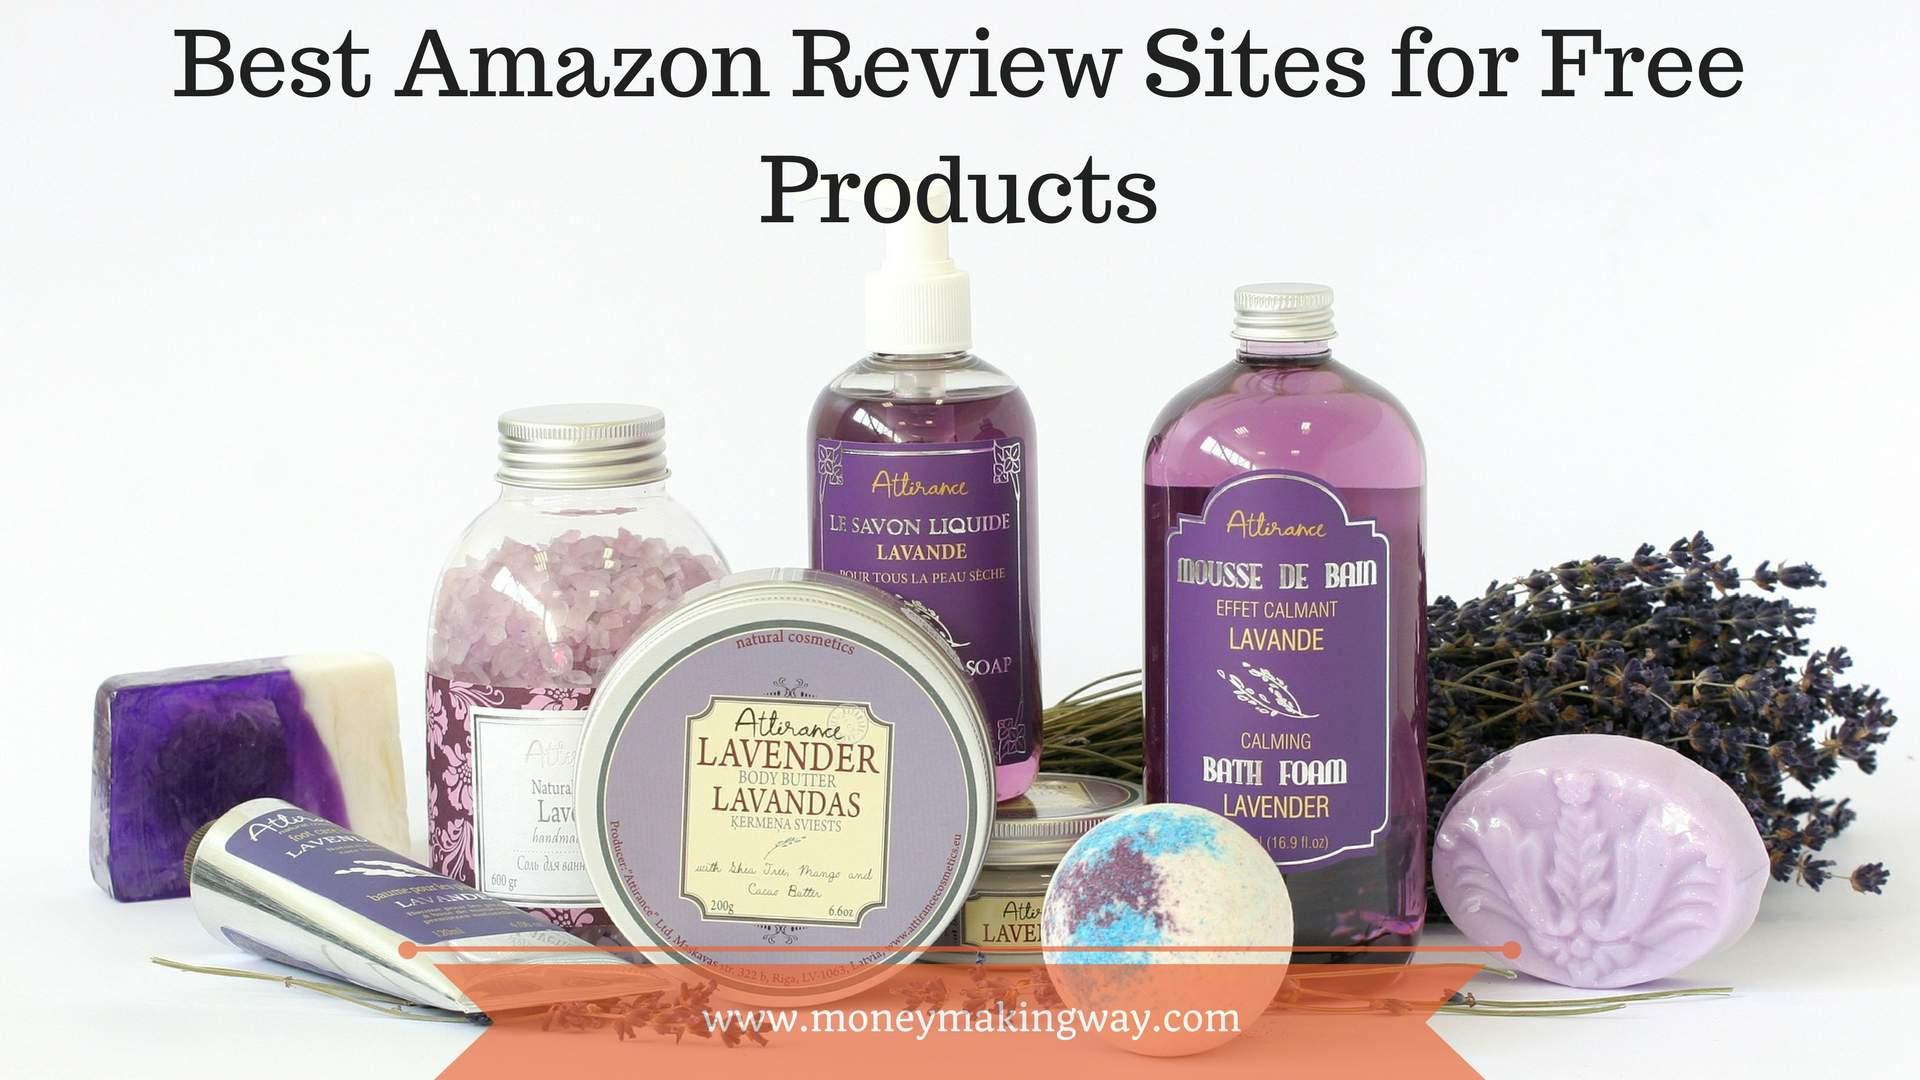 Amazon Review sites